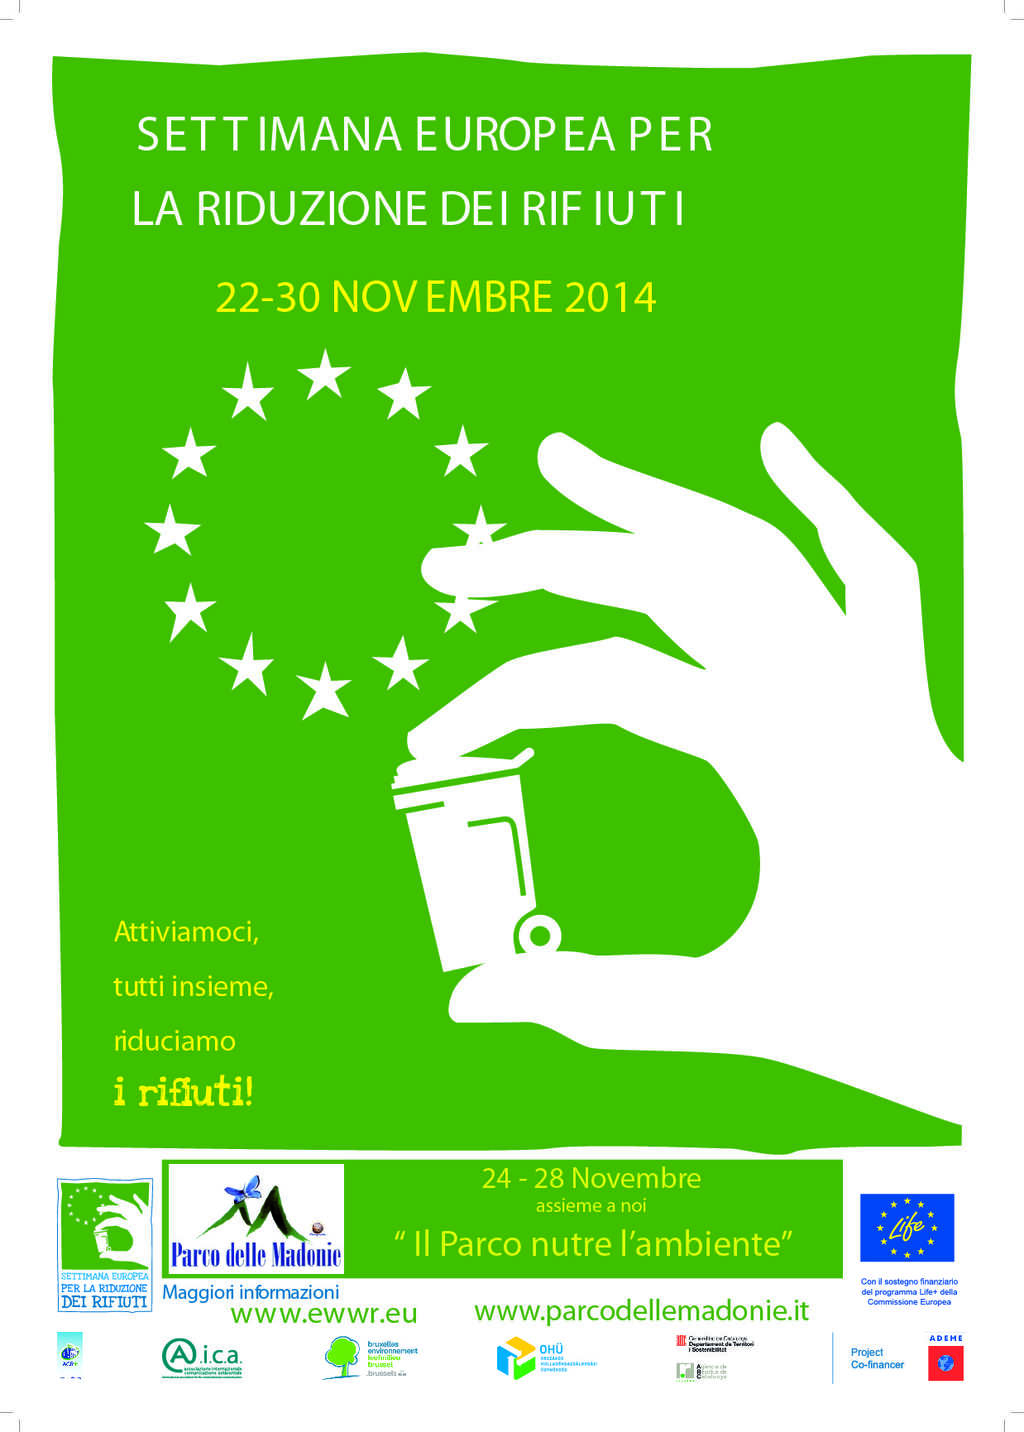 Approvato il progetto dell'ente Parco per la SERR Settimana Europea delle Riduzione dei Rifiuti 22/30 novembre